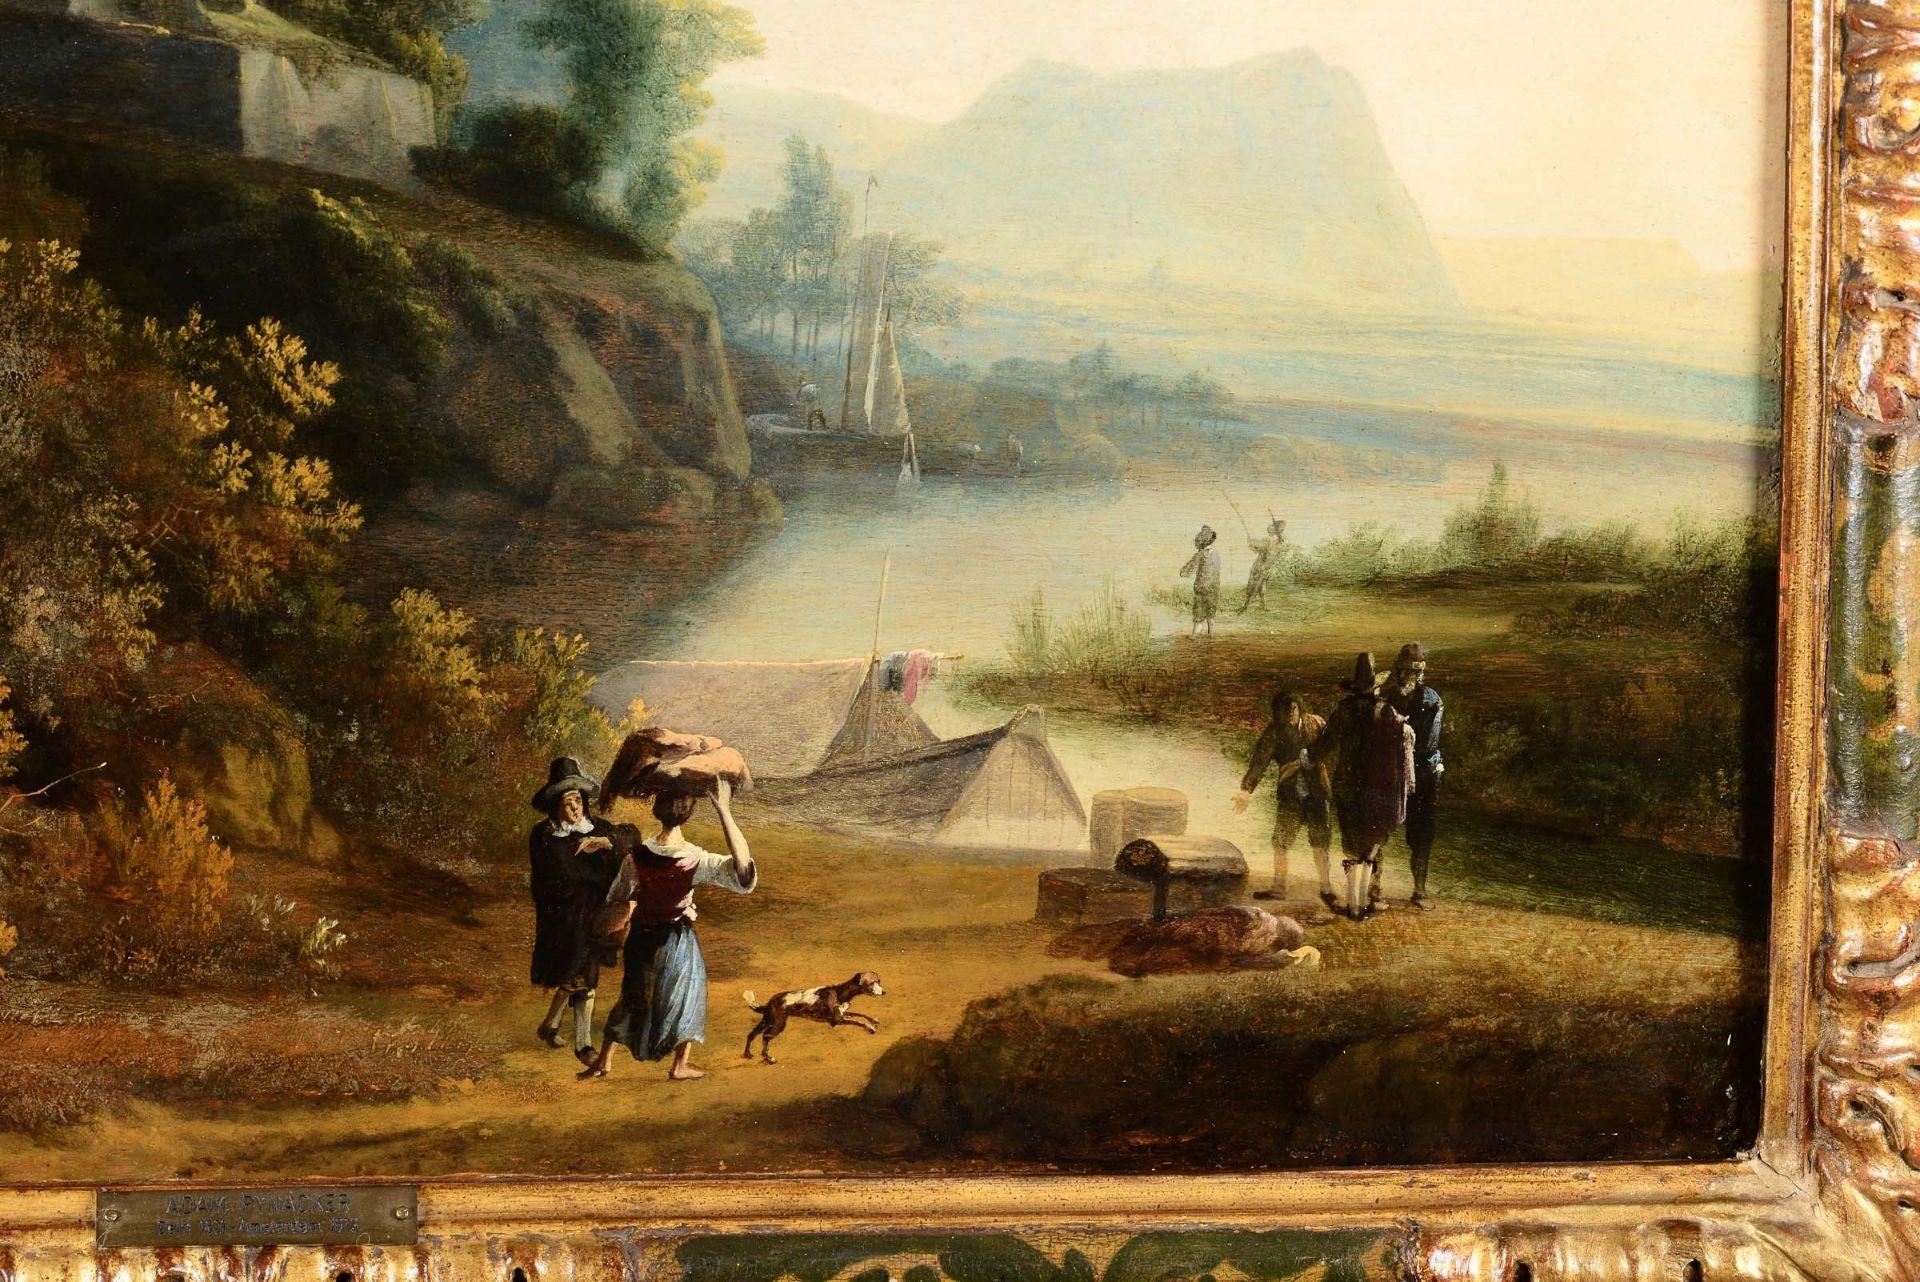 Los 32 - Adam Pynacker (Delft 1620 - Amsterdam 1673), Paesaggio fluviale con personaggi e [...]